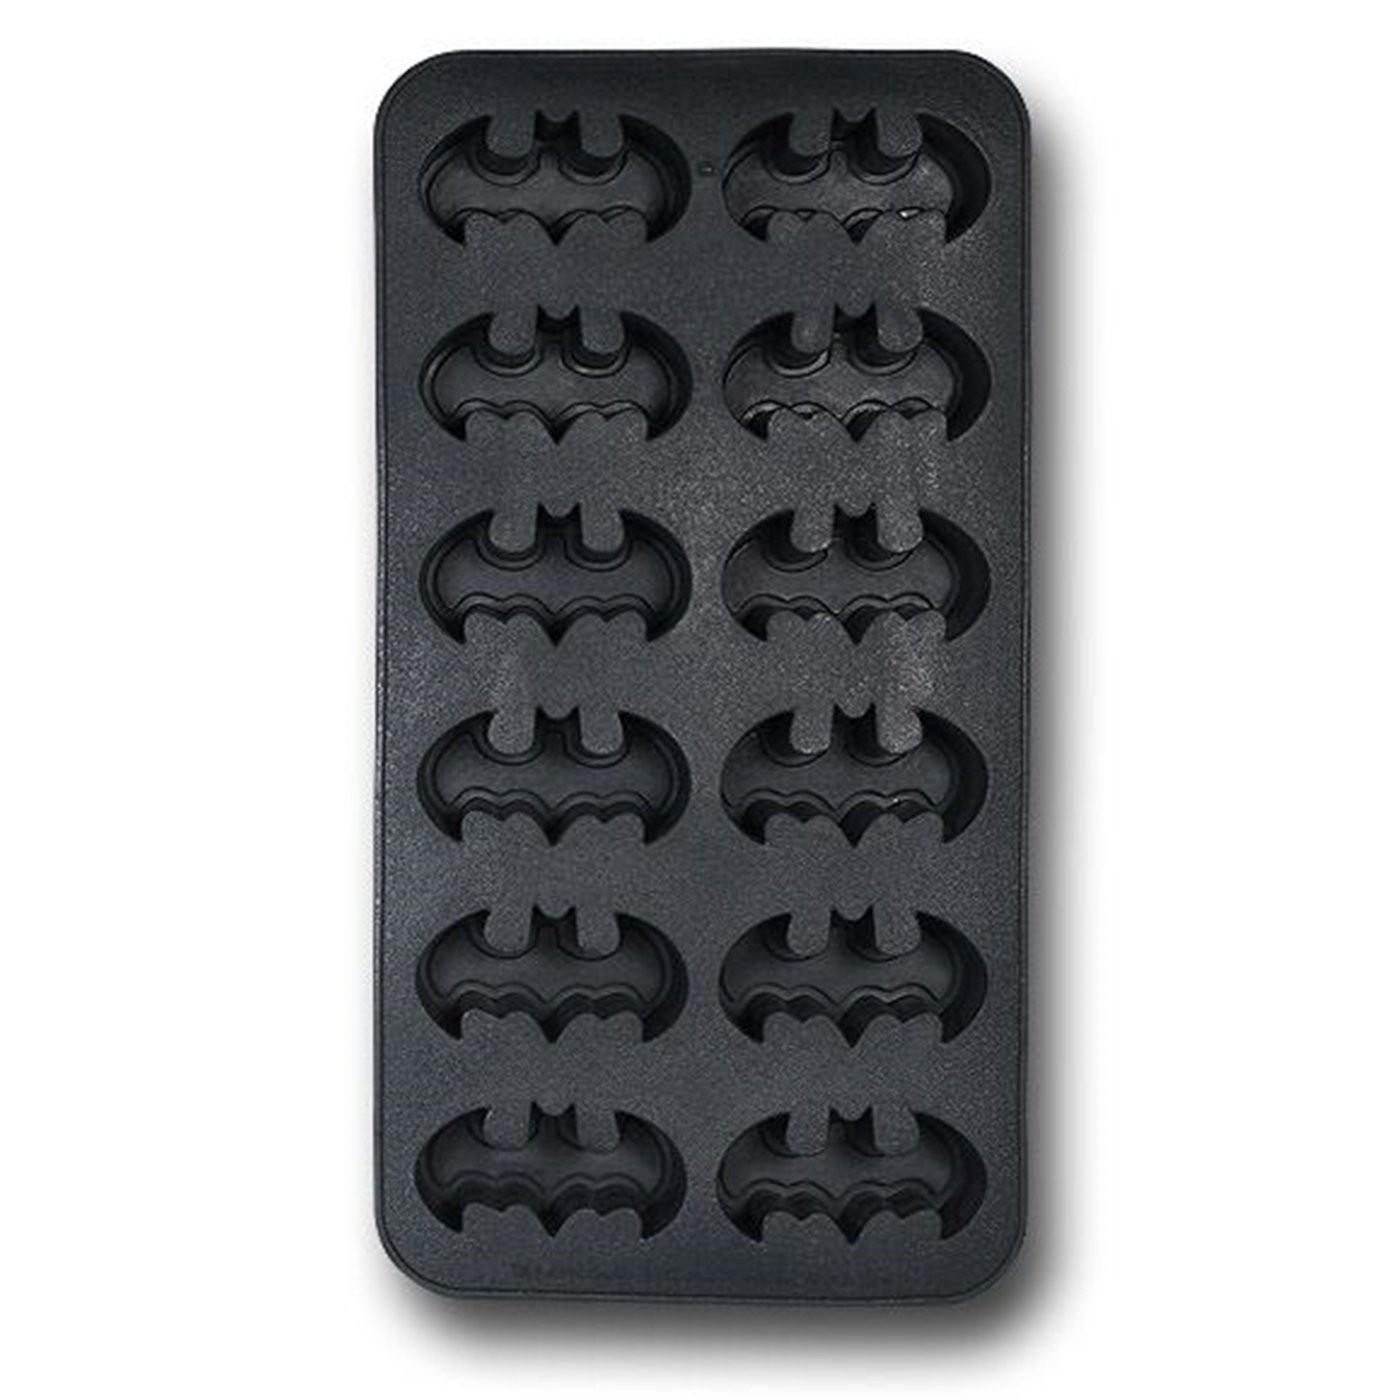 Batman Symbols Ice Cube Tray